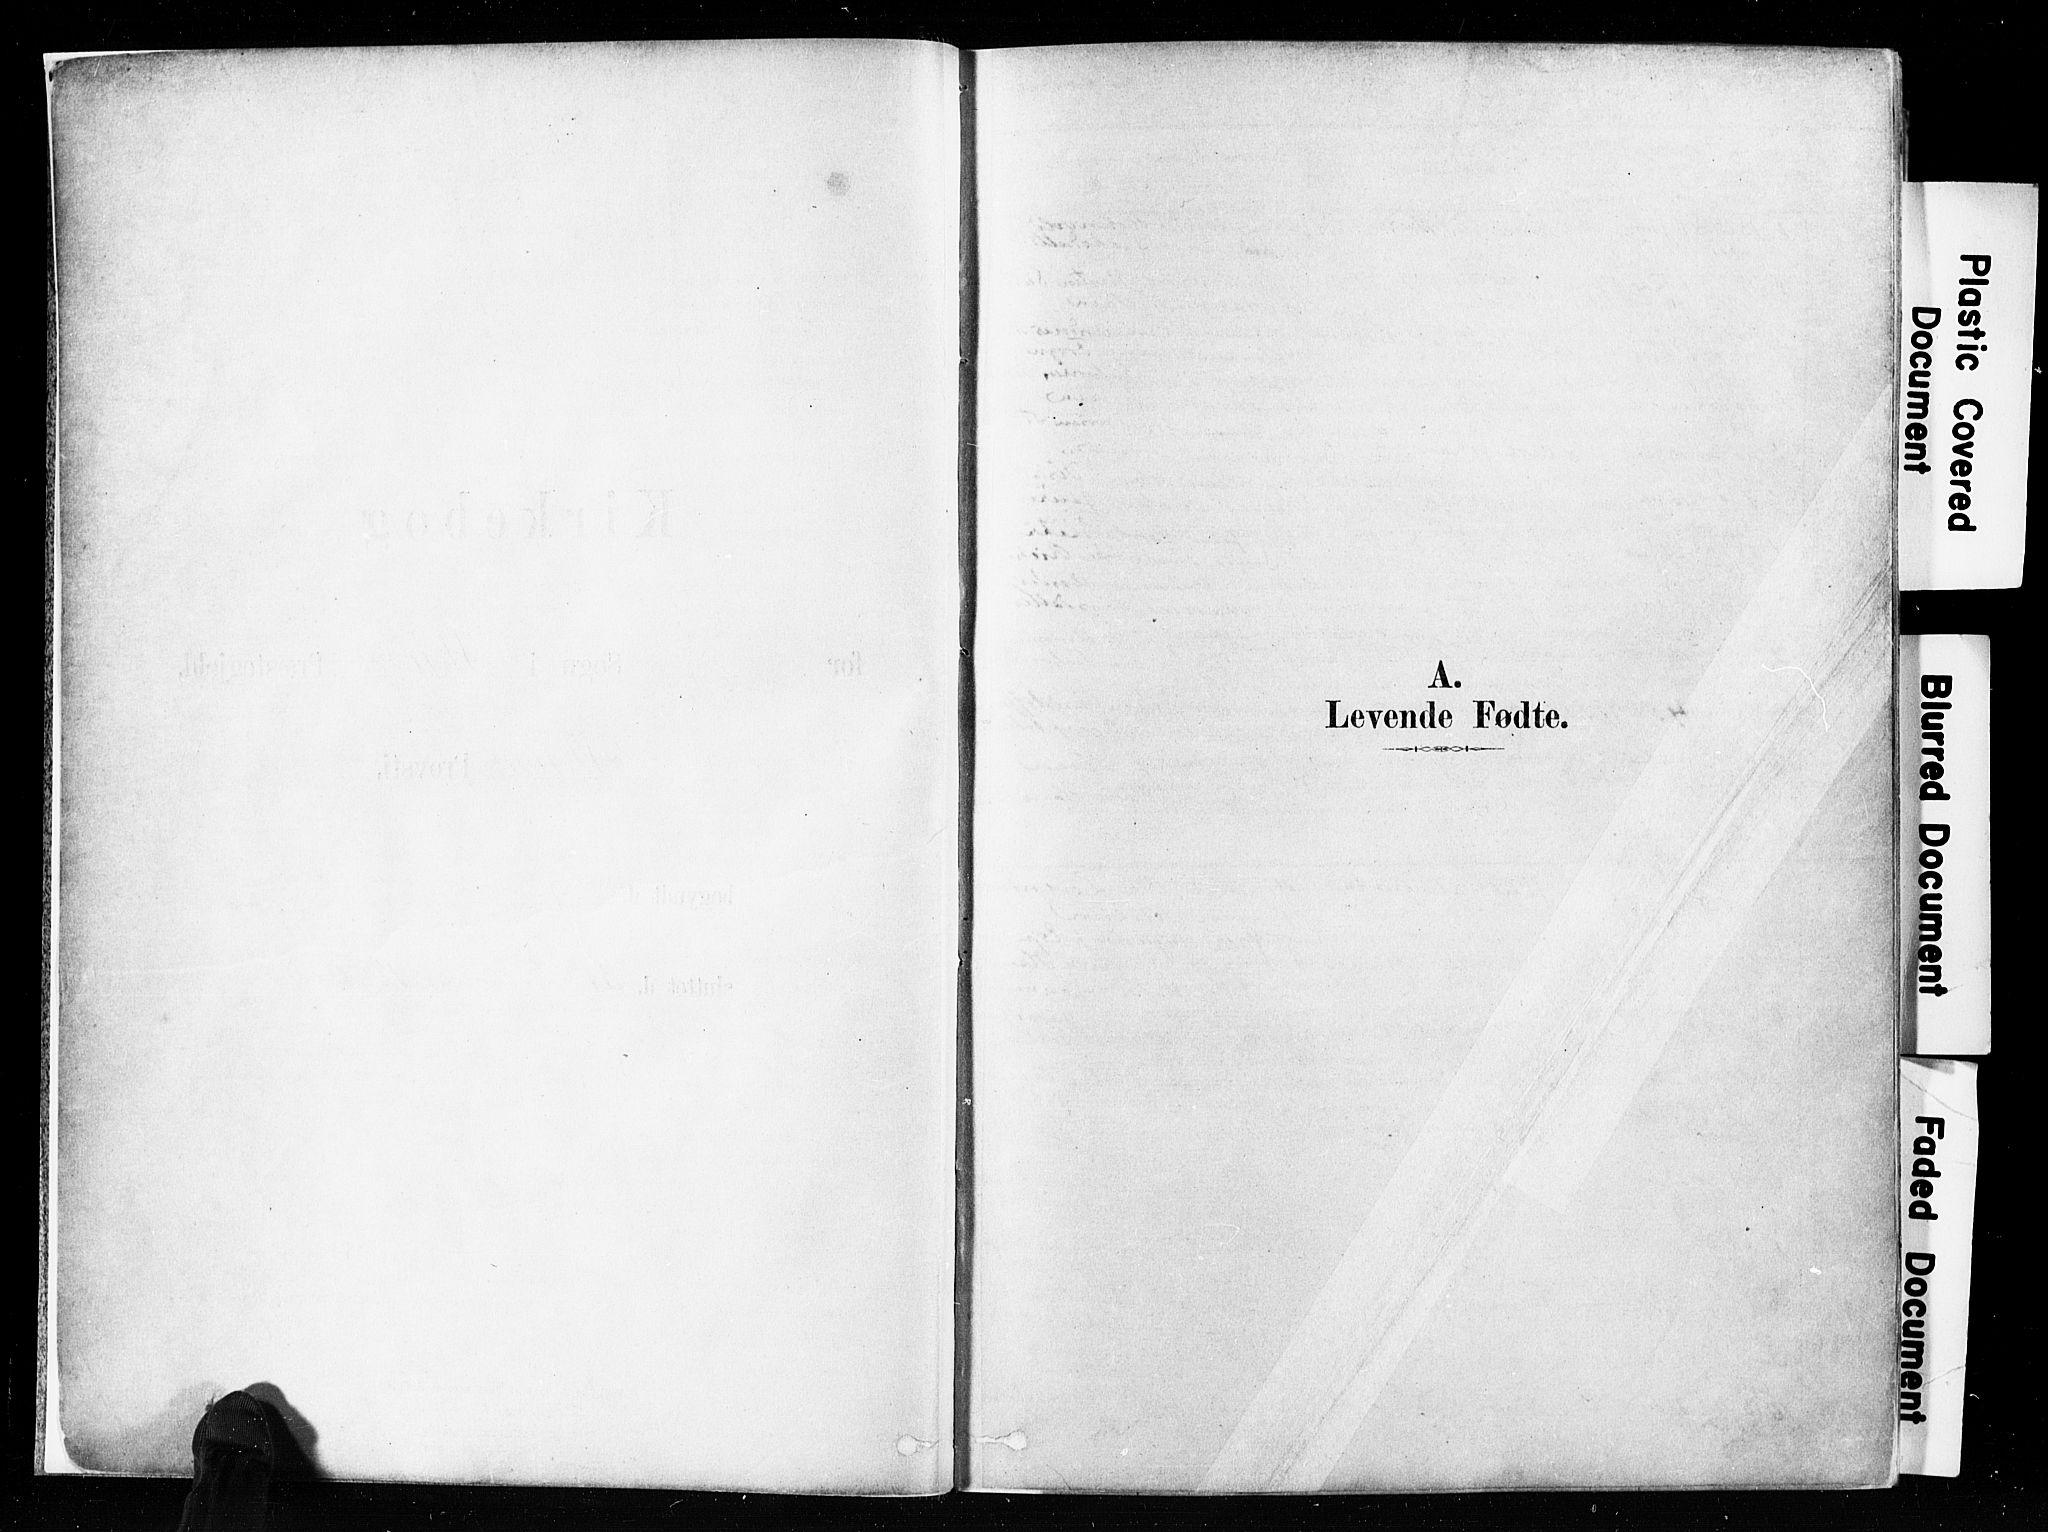 SAKO, Skien kirkebøker, F/Fa/L0009: Ministerialbok nr. 9, 1878-1890